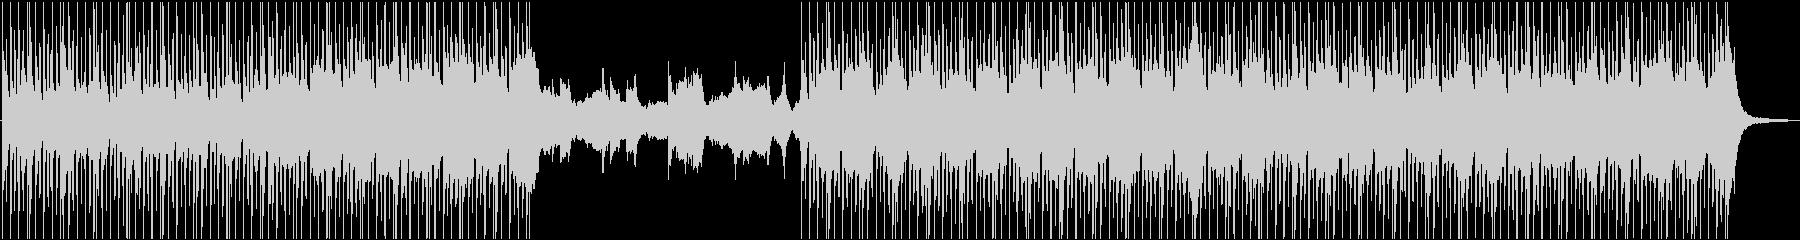 アコギとピアノの優しく温かいBGMの未再生の波形